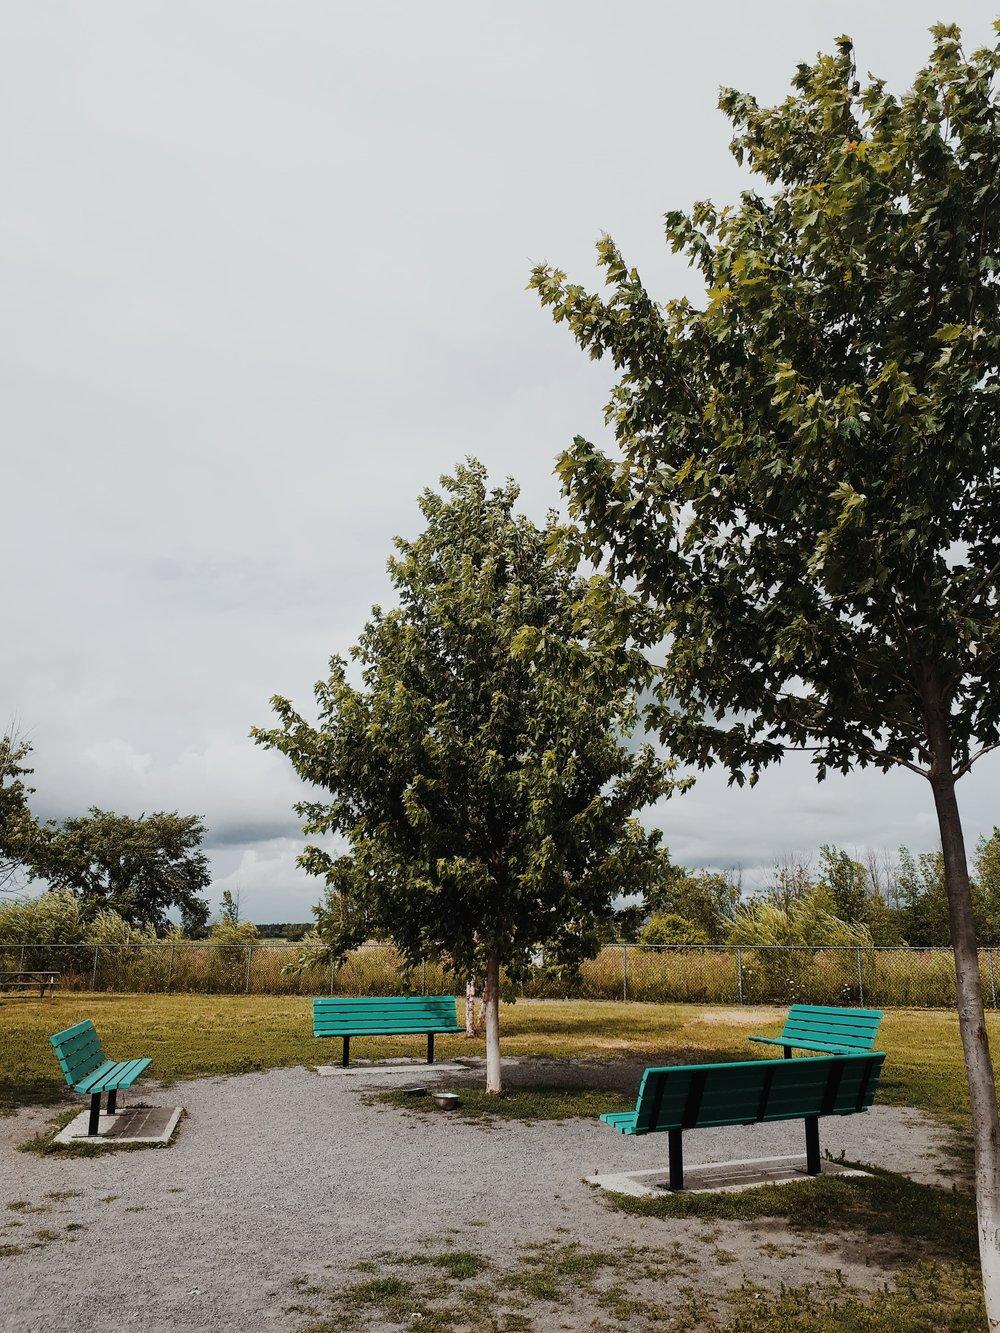 parc a chien sainte-julie.jpg